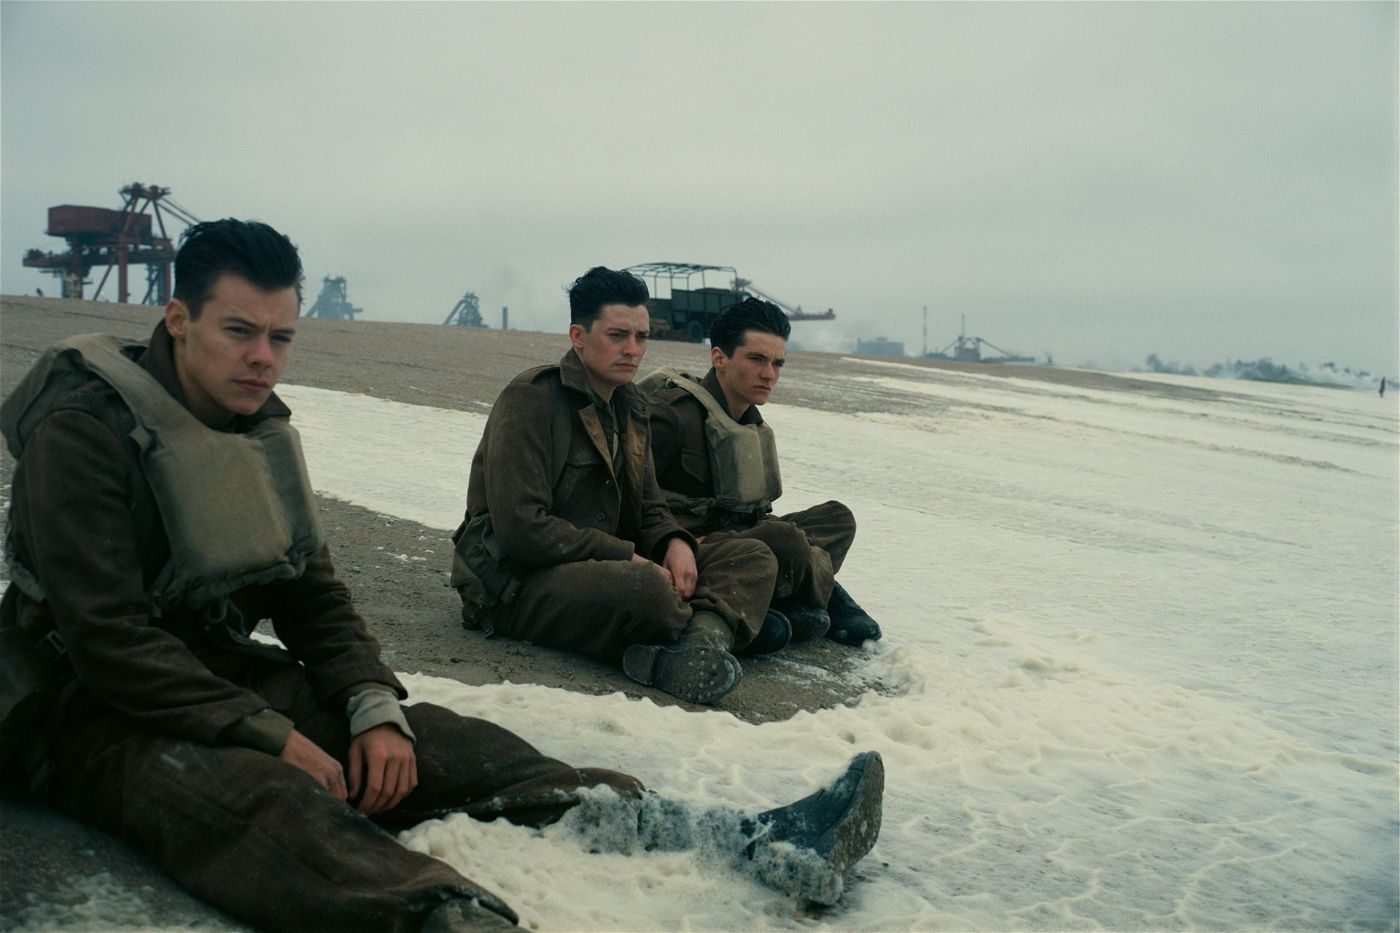 Nachdem ein Torpedo ihr Schiff zum Kentern brachte, sind Alex (Harry Styles, l.), Gibson (Aneurin Barnard, M.) und Tommy (Fionn Whitehead, r.) wieder zurück am Strand von Dünkirchen.